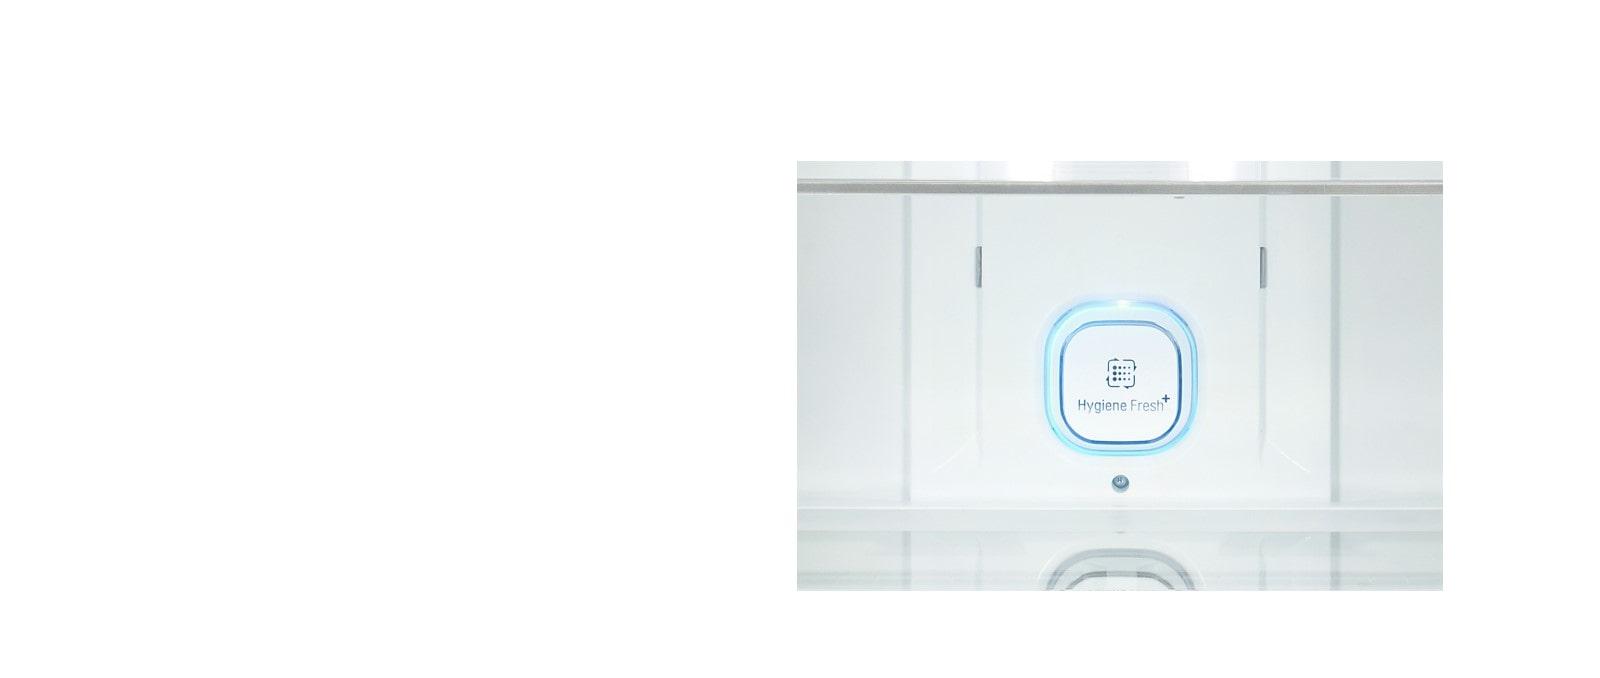 LG Hygiene Fresh+